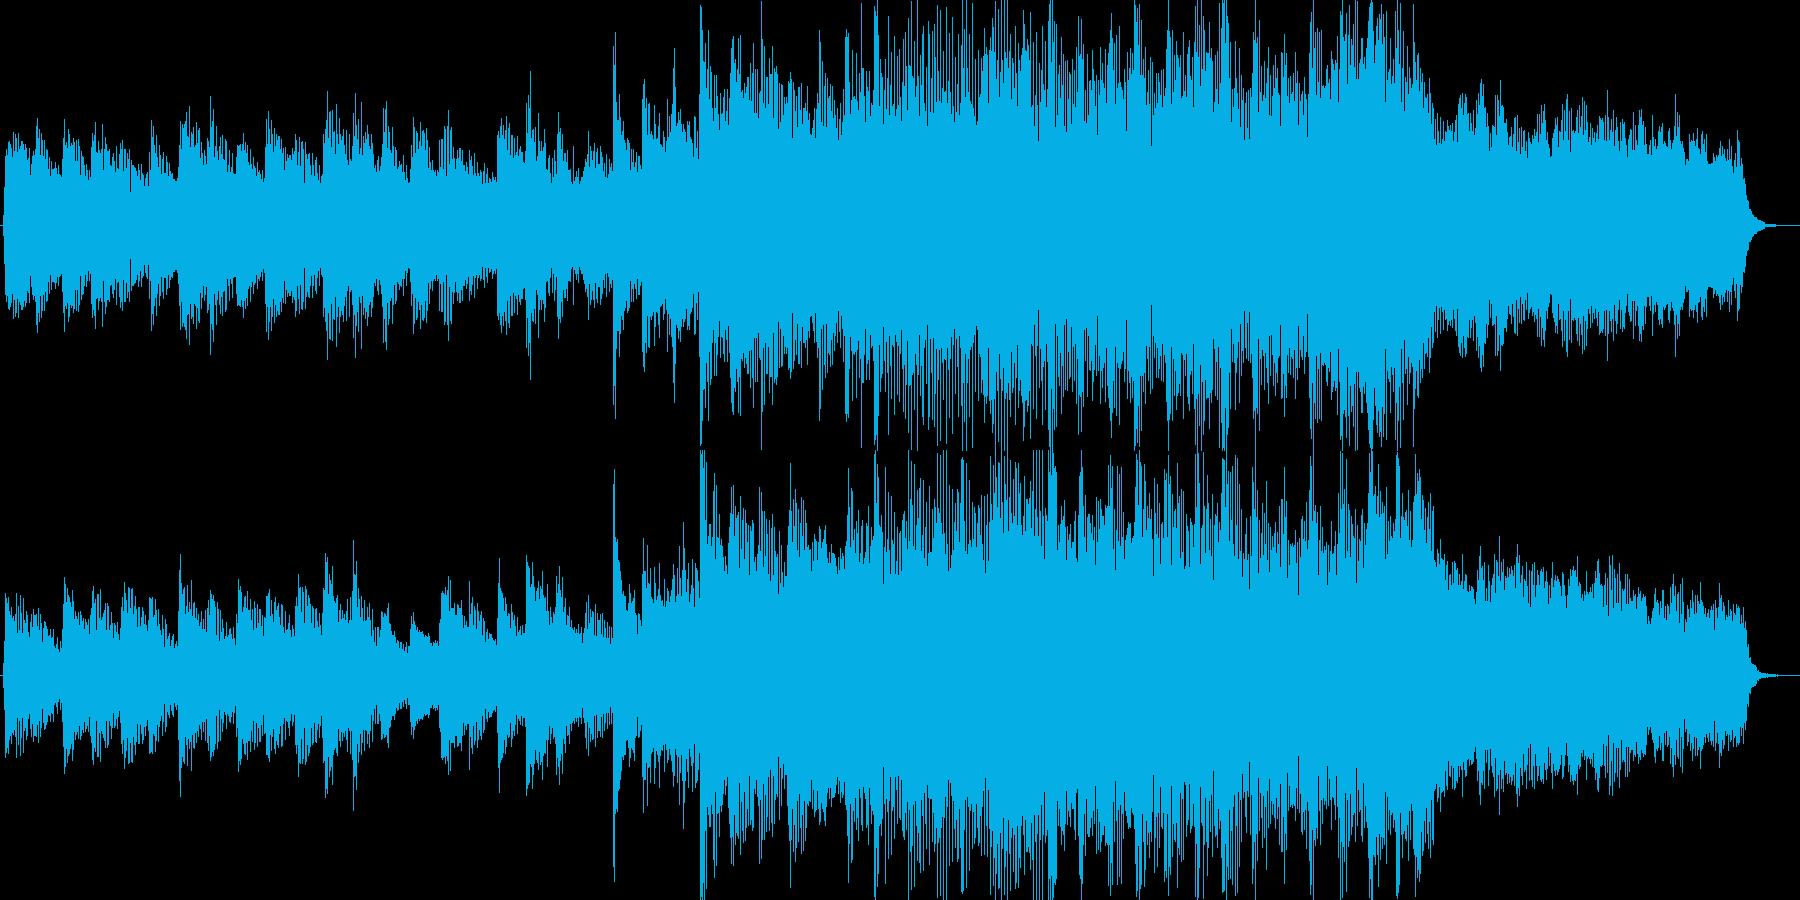 ピアノオーケストラ入場15秒曲の再生済みの波形